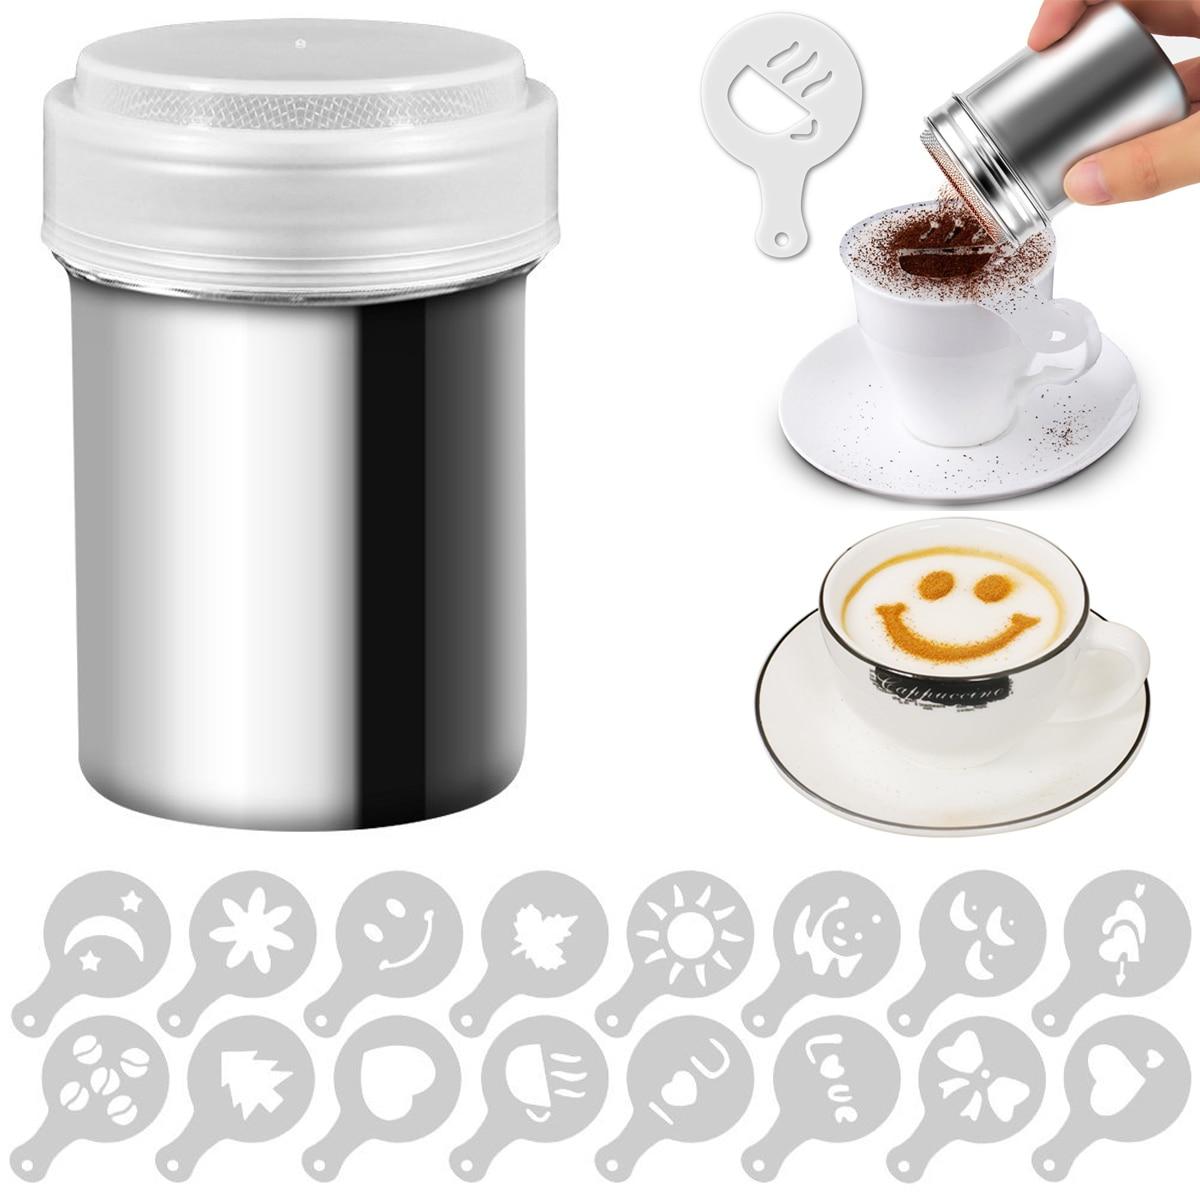 Cappuccino moule fantaisie café impression modèle mousse pulvérisation gâteau pochoirs sucre en poudre chocolat cacao café impression AssemblyD40